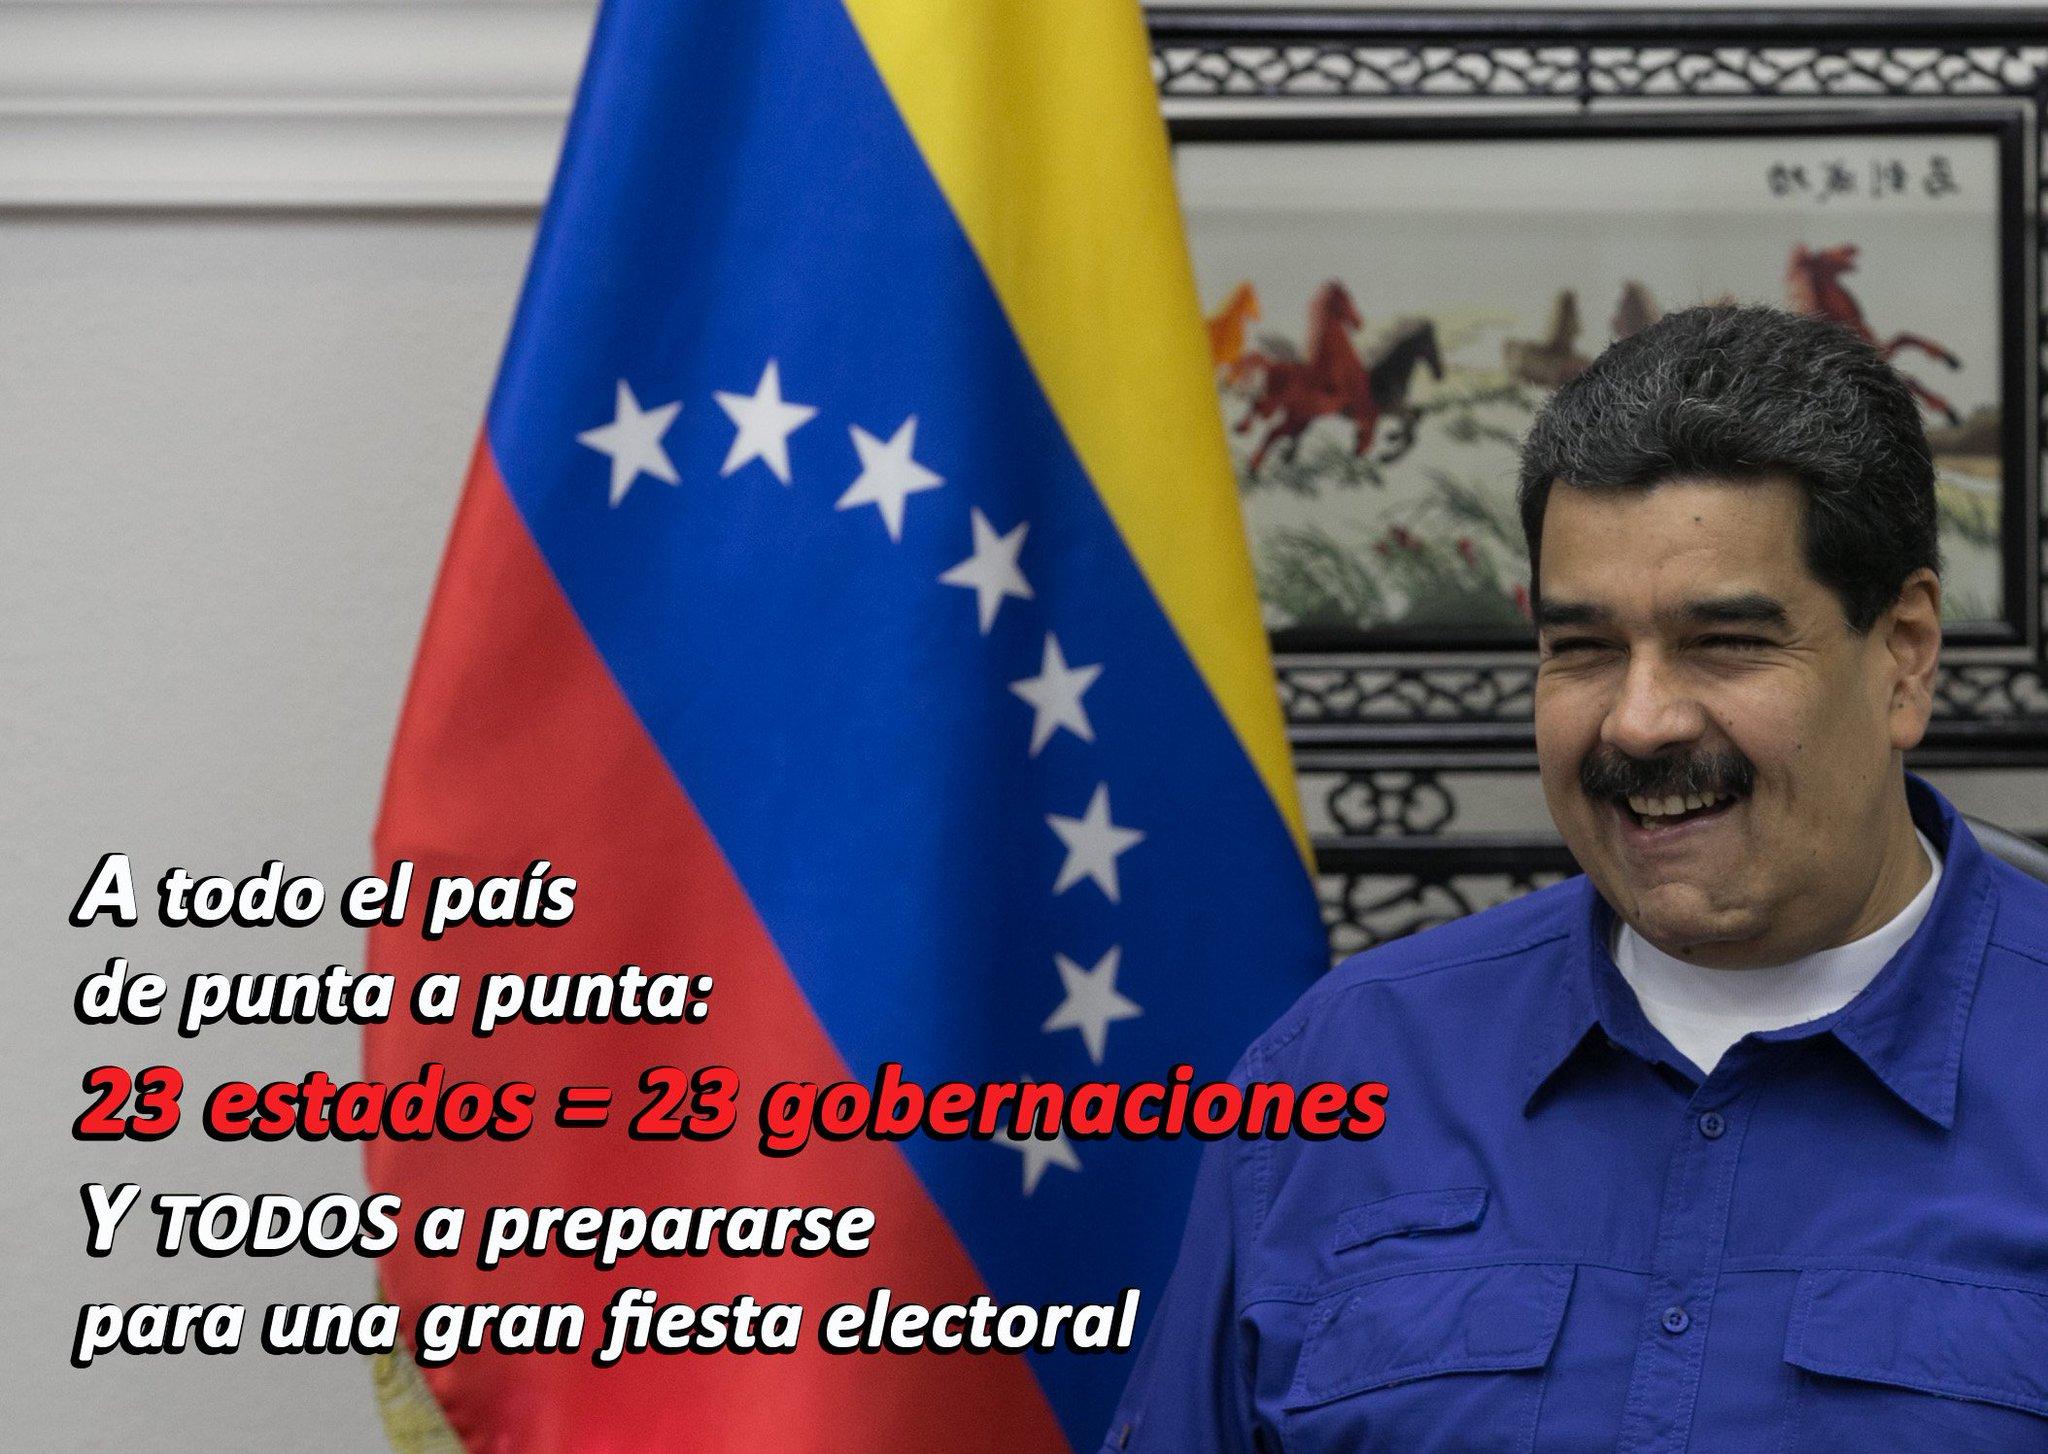 CONTUNDENTE Y PRECISO: EL LLAMADO del PRESIDENTE @NicolasMaduro a todo el pueblo para el 15 de Octubre https://t.co/AzmEgd1h4i